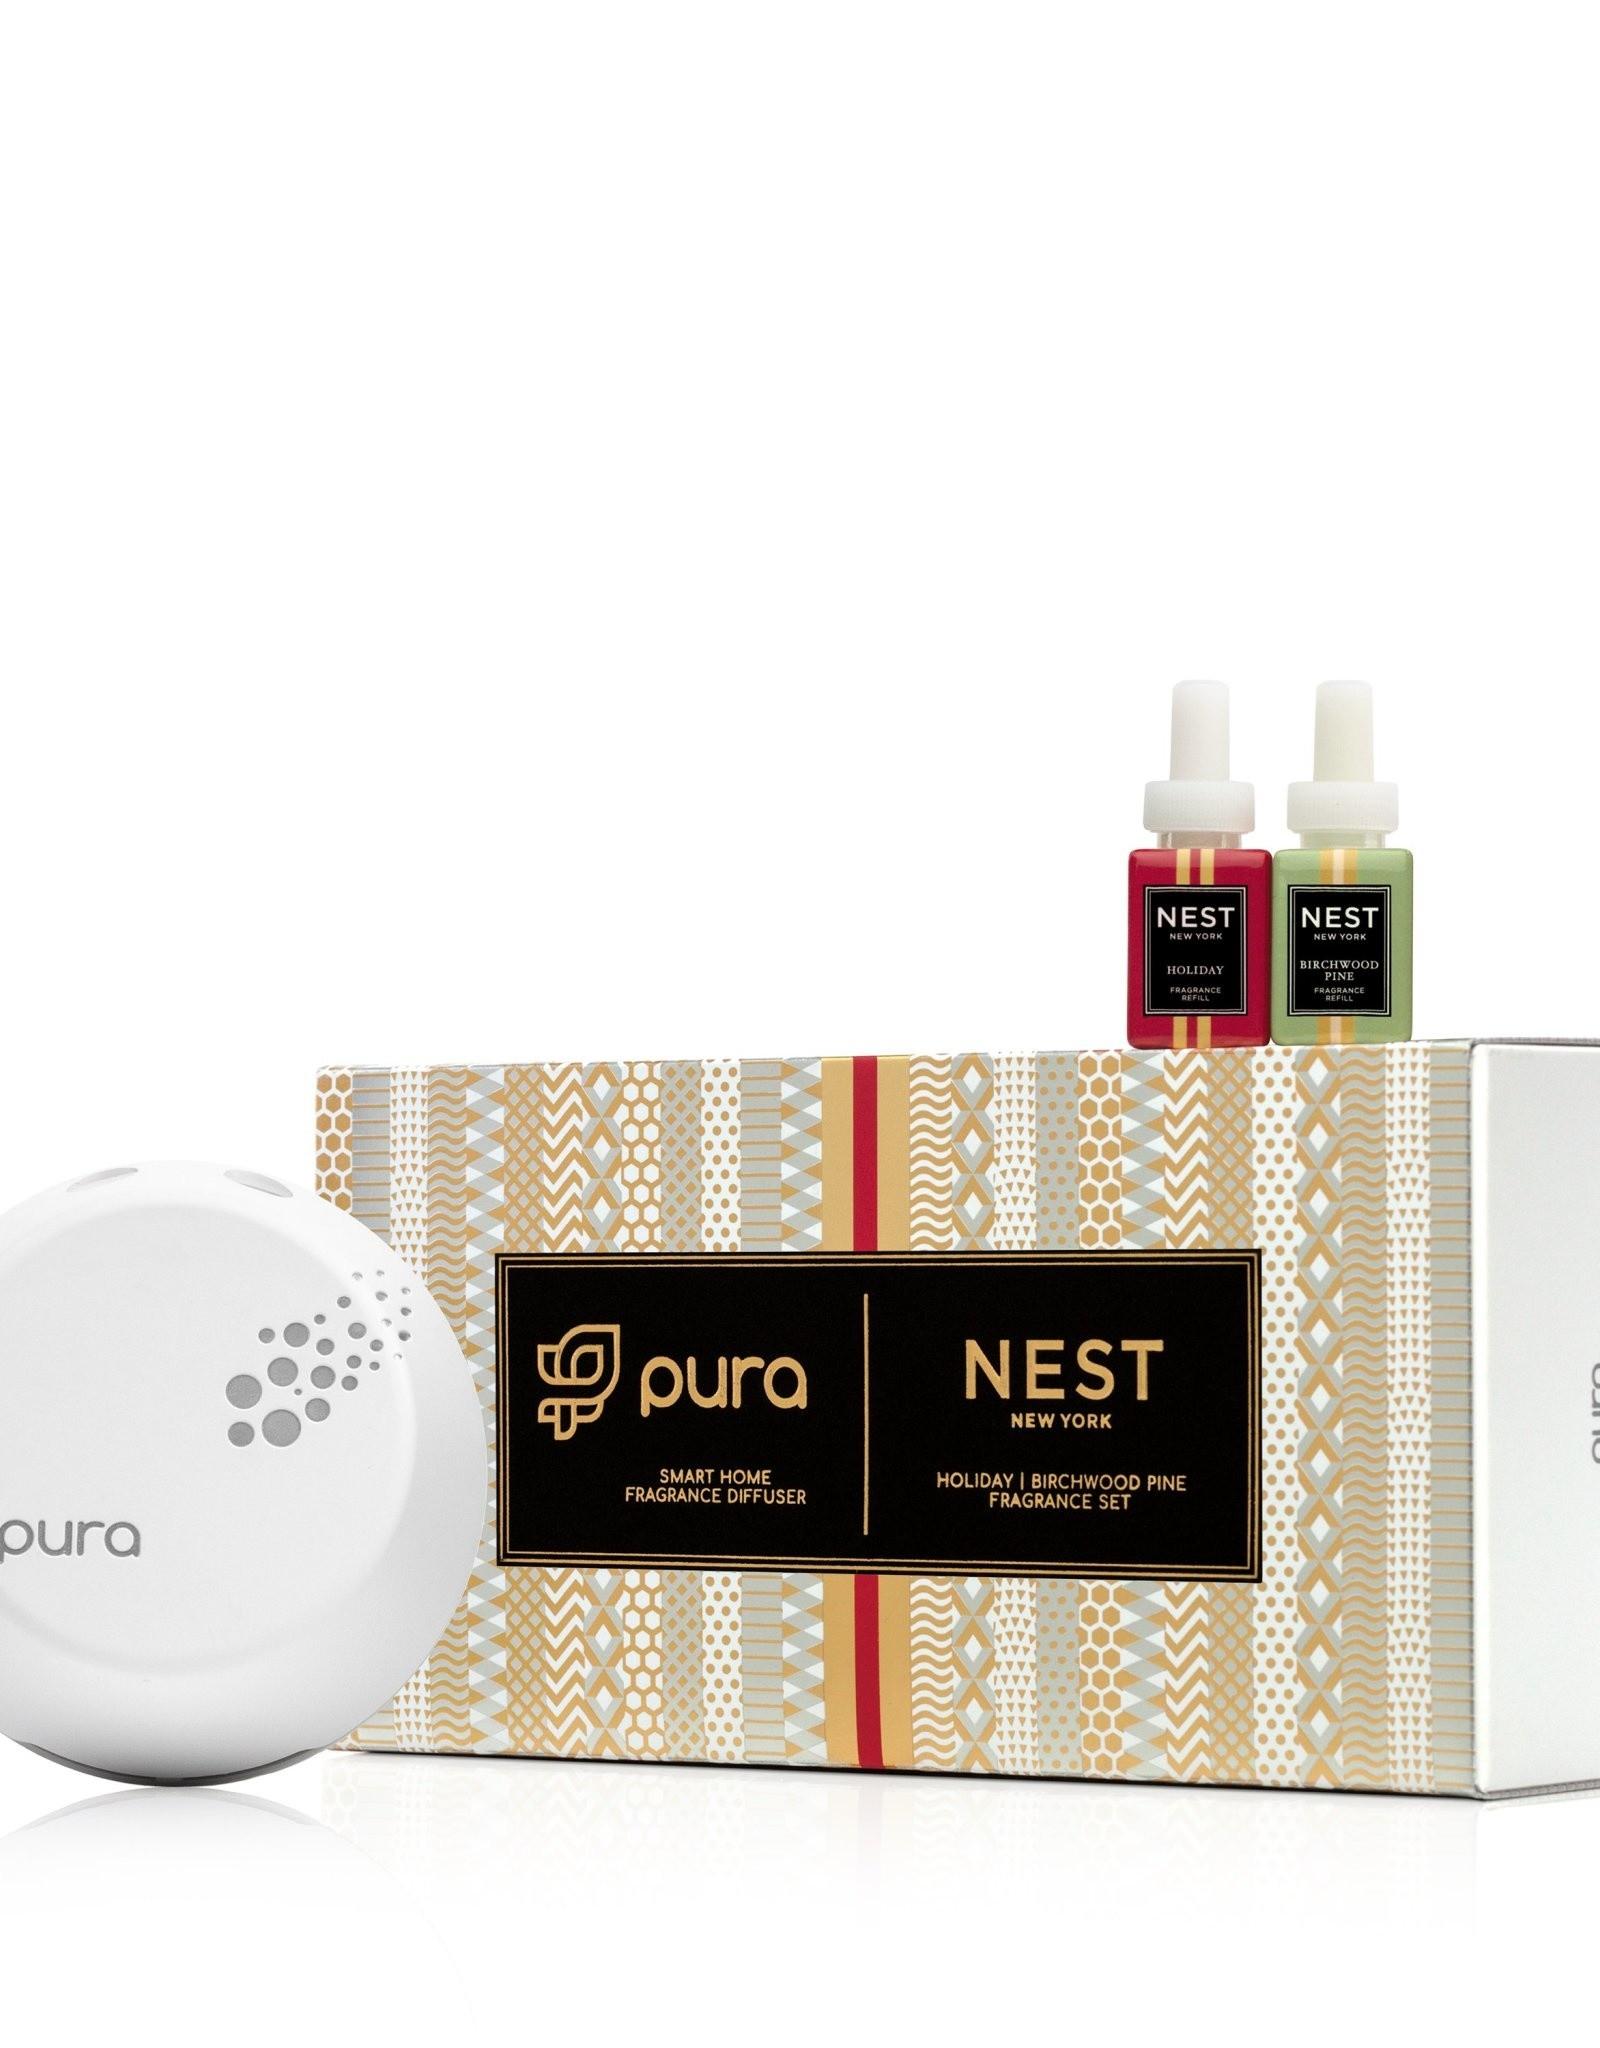 NEST NEW YORK Festive Pura Smart Home Fragrance Diffuser Set